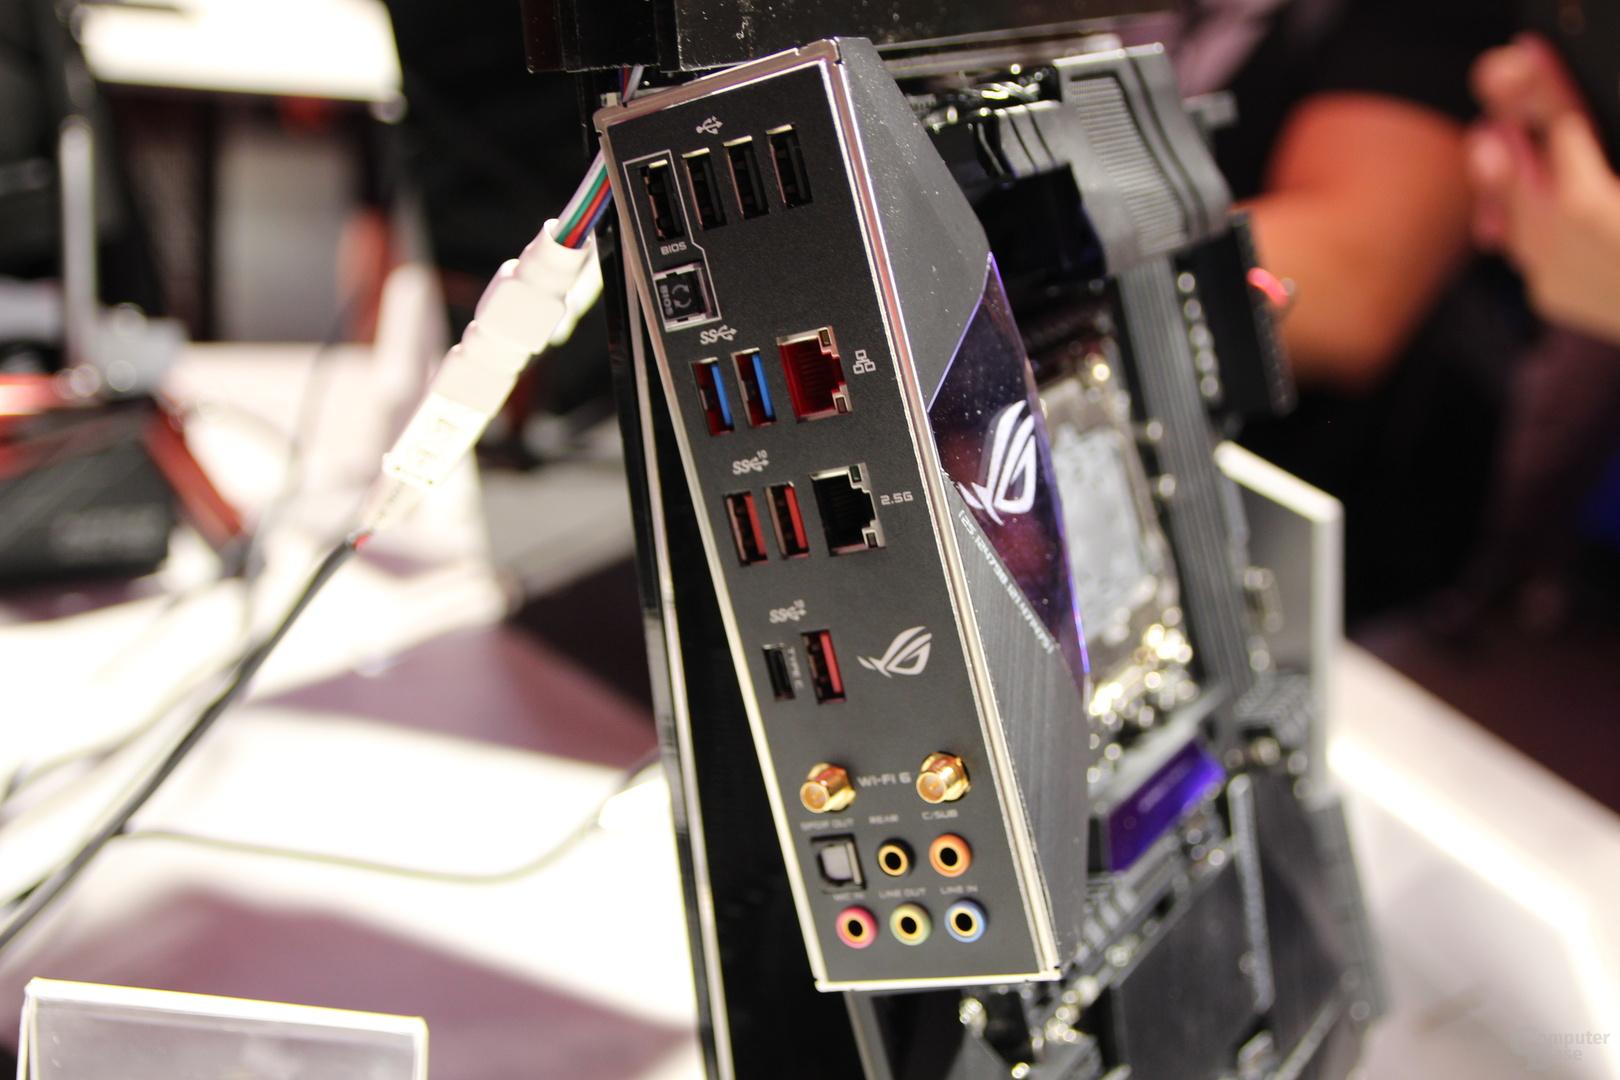 Gigabit-NIC und 2,5-Gbit/s-LAN am I/O-Bereich des ROG Strix X299-E Gaming II